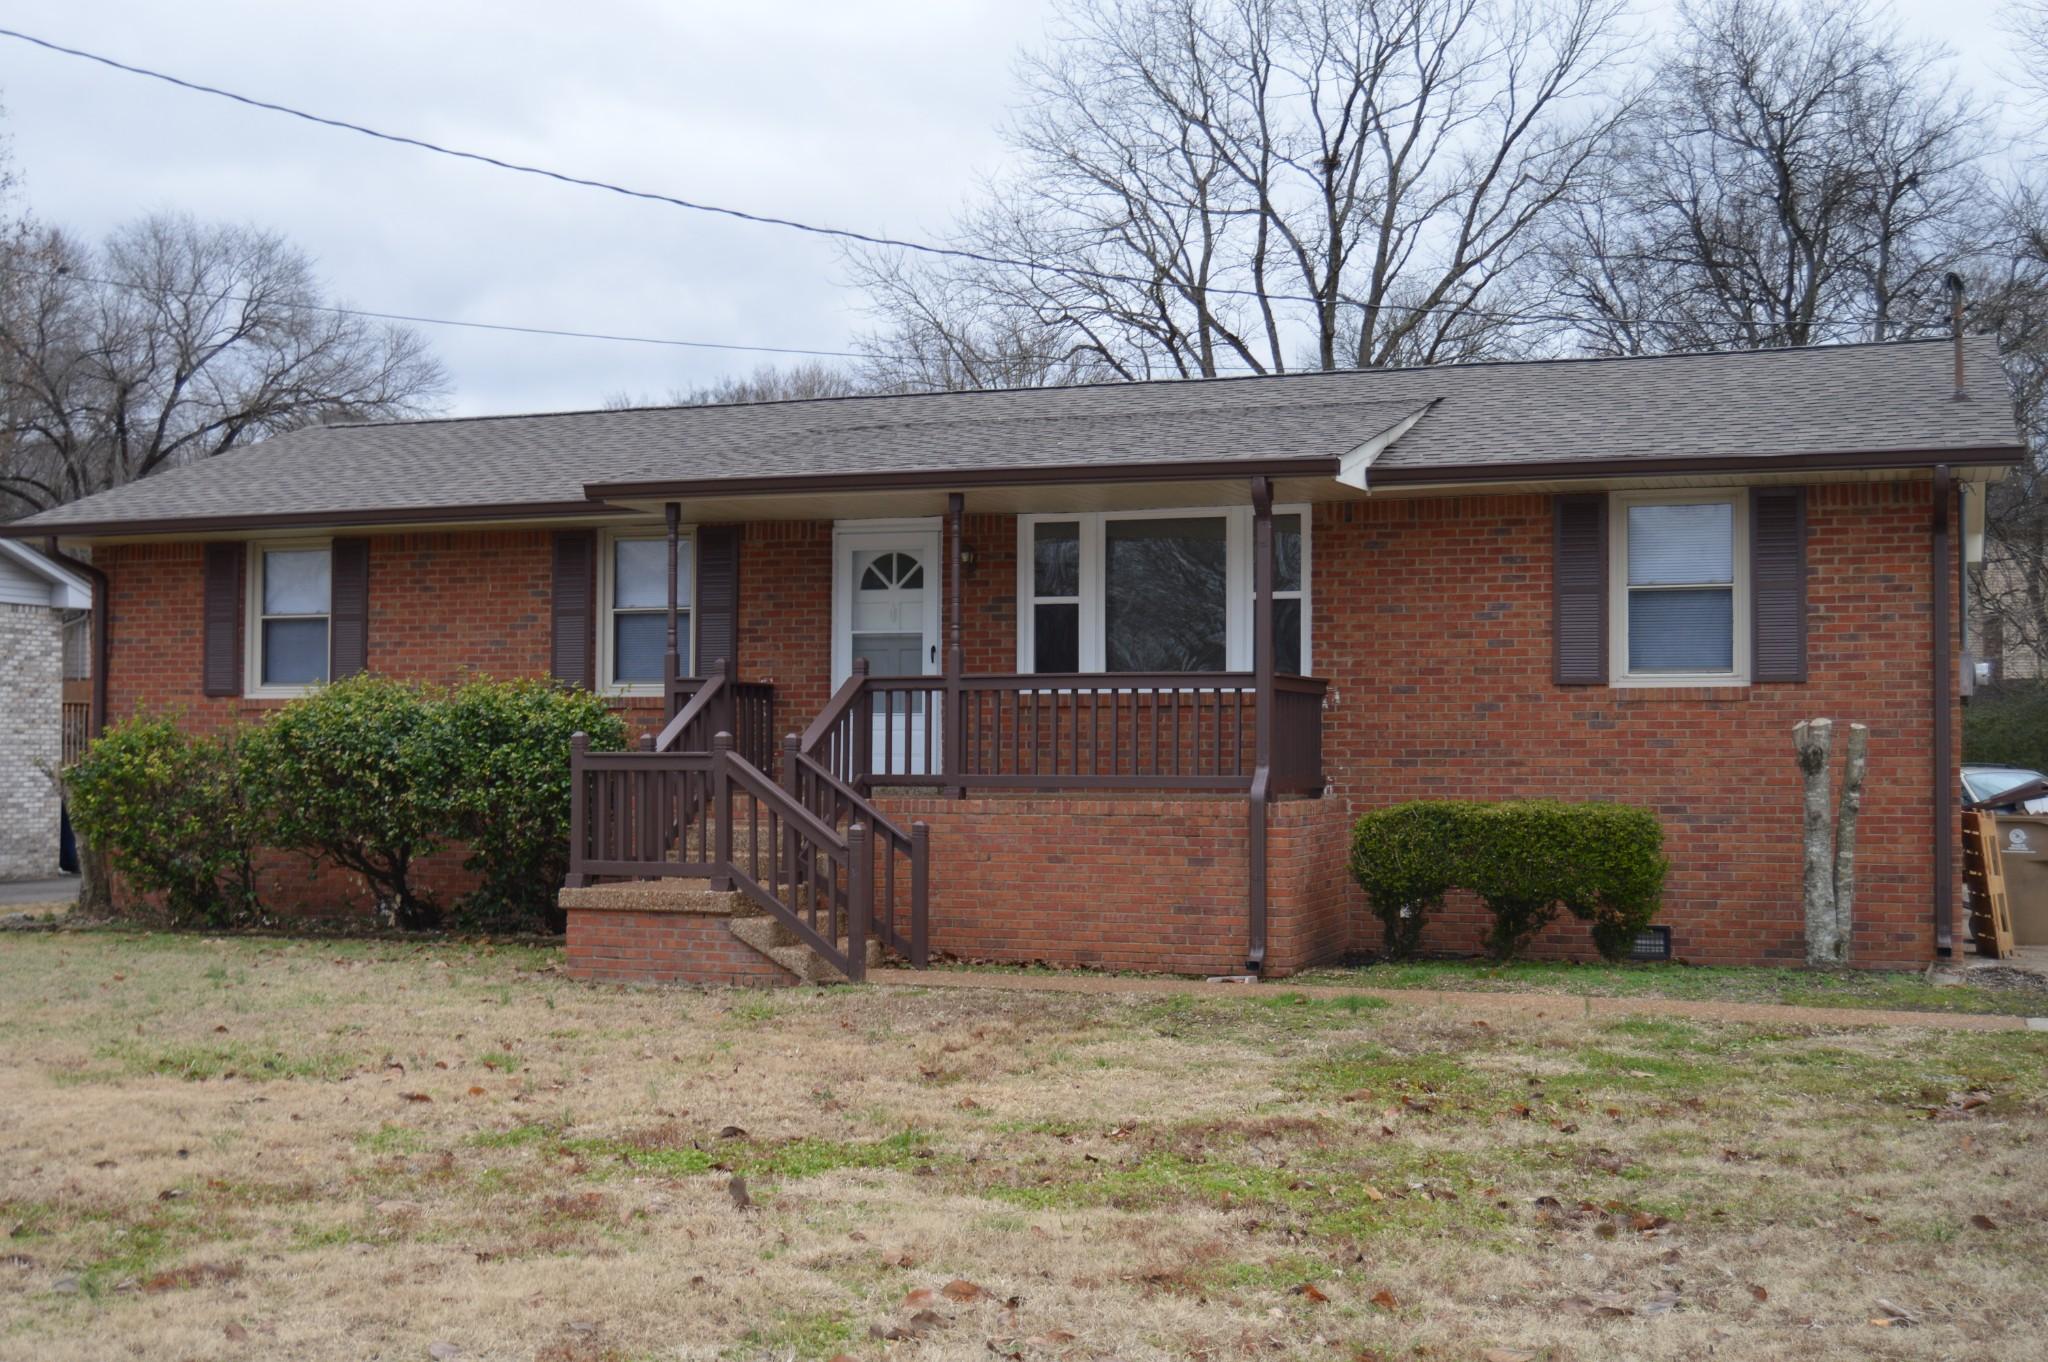 449 Janette Ave, Goodlettsville, TN 37072 - Goodlettsville, TN real estate listing